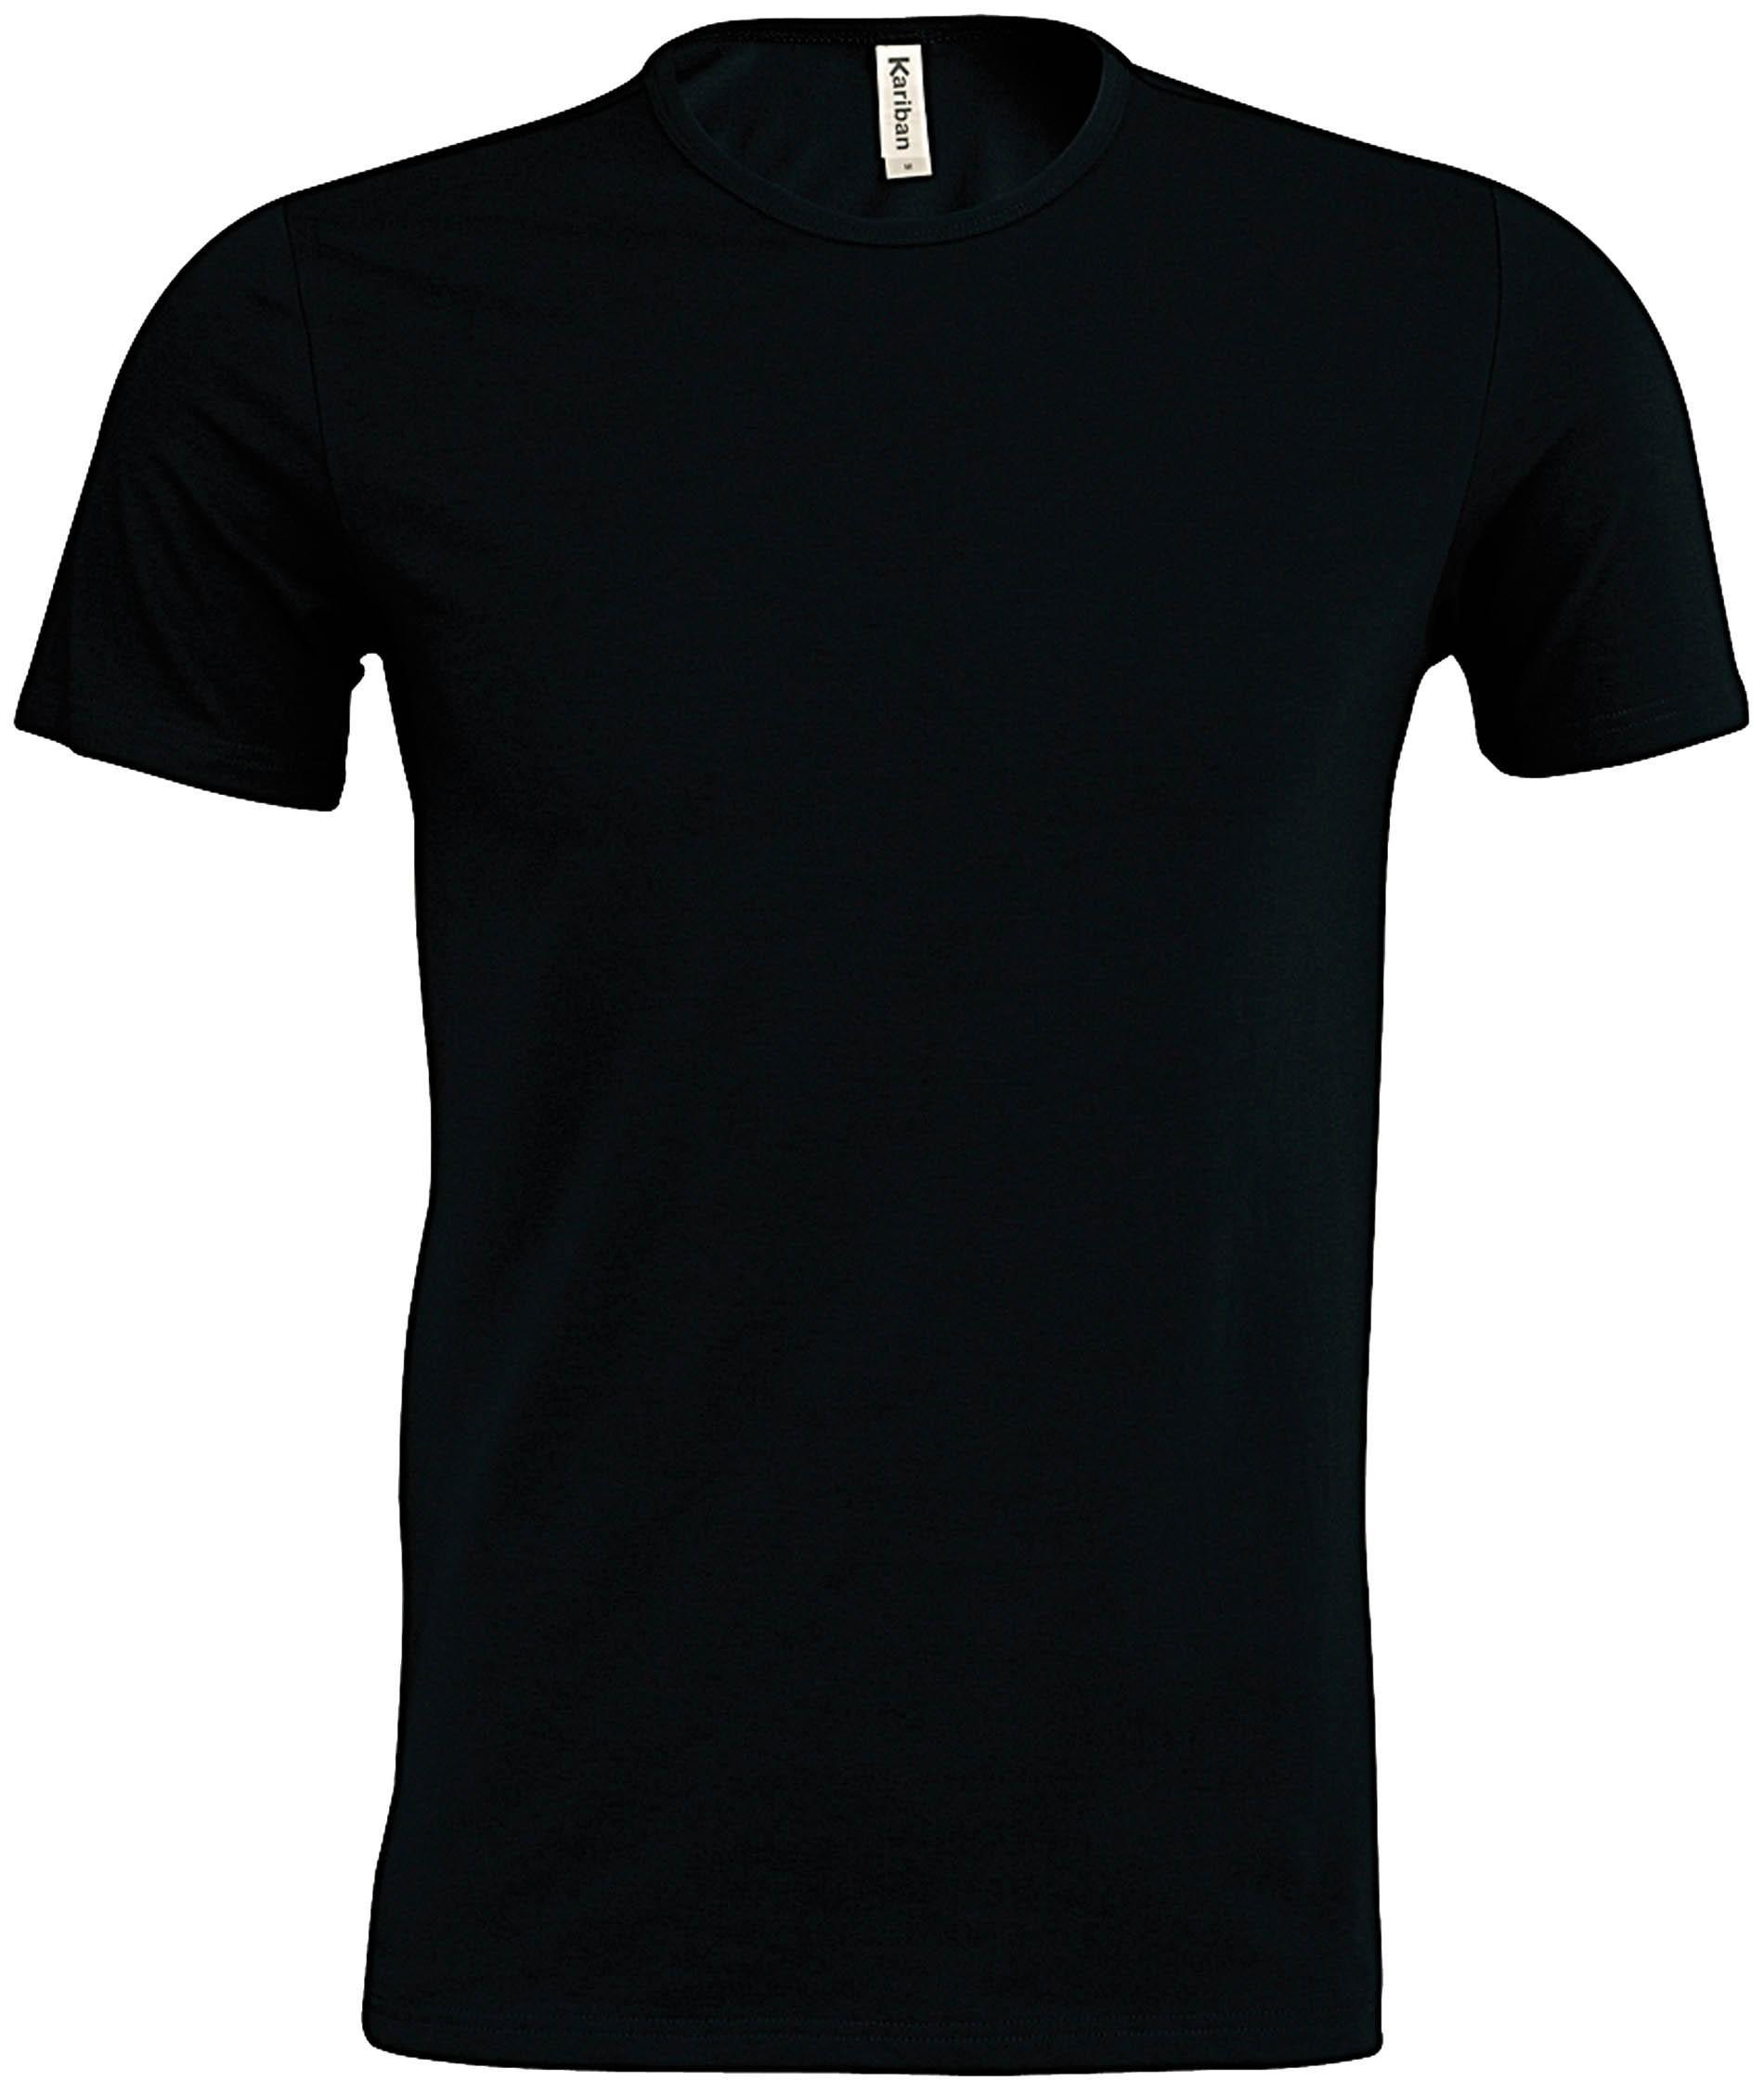 kariban k342 stretch t shirt eros rundhals t shirts herren unisex broga ag. Black Bedroom Furniture Sets. Home Design Ideas